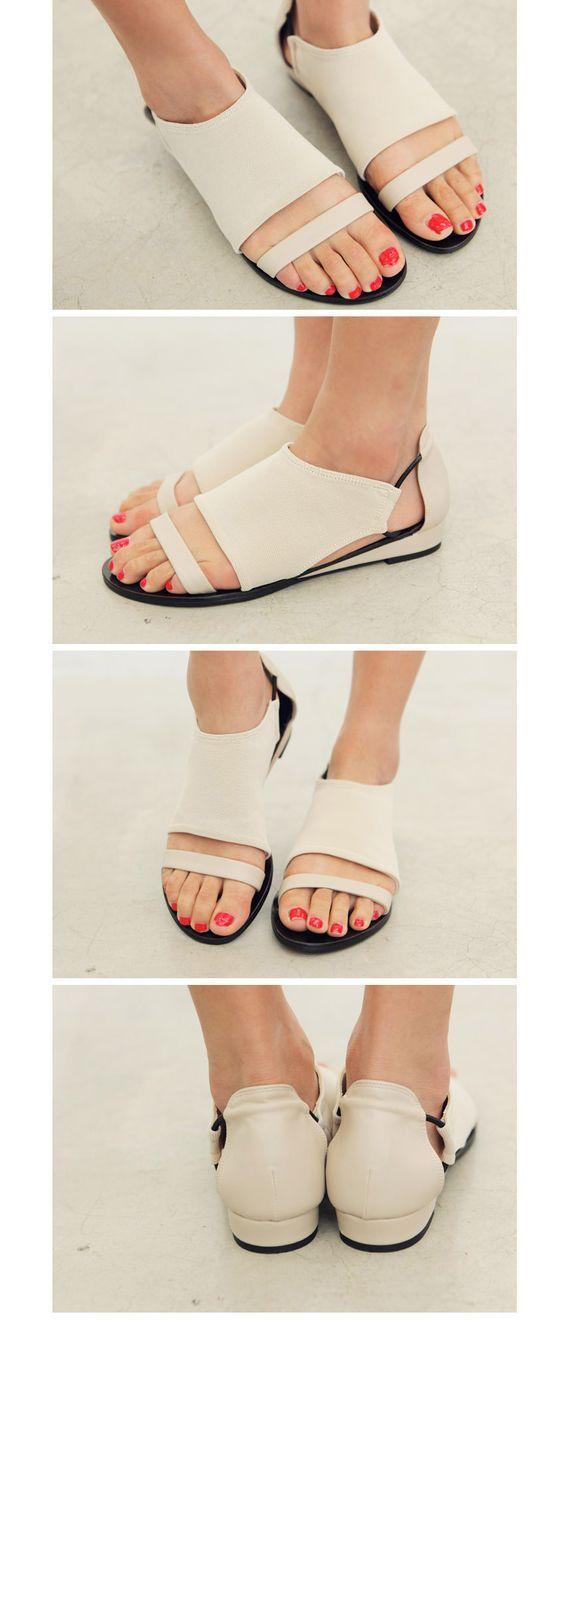 d07c6e22de895 Les 10 meilleures images du tableau S sur Pinterest   Chaussures ...